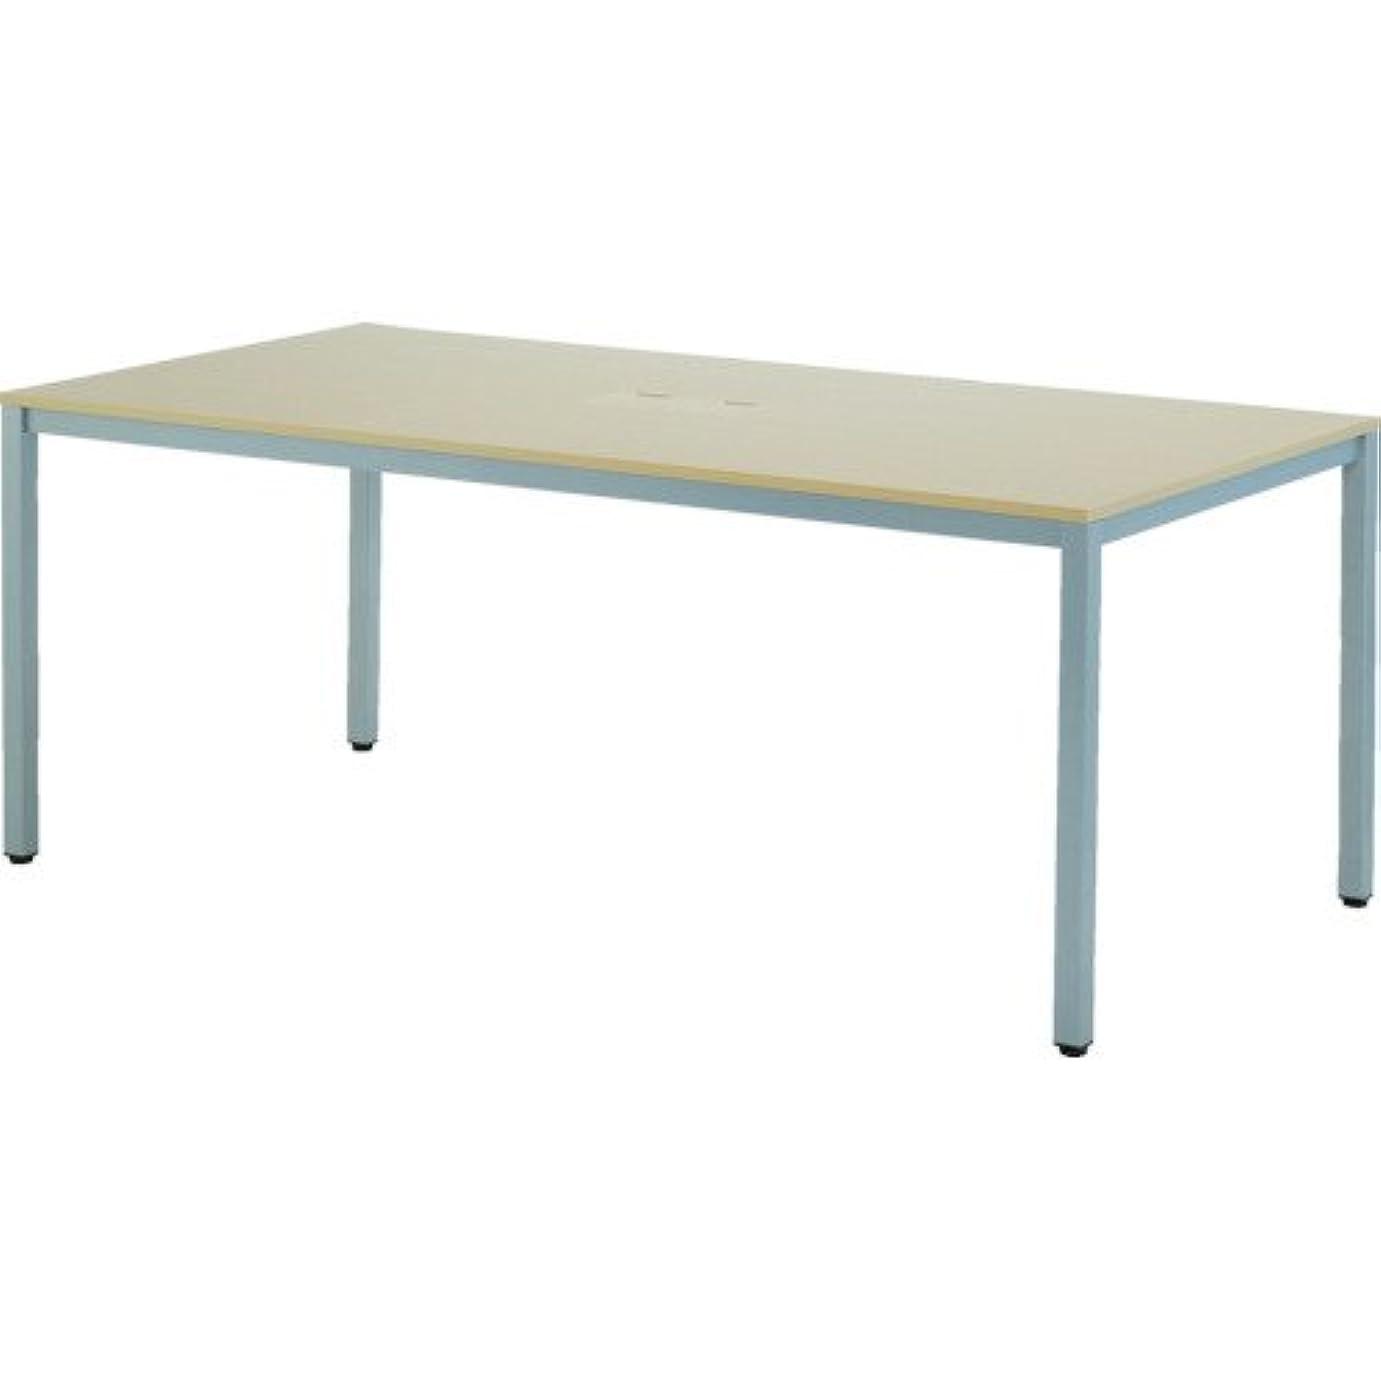 ひどく洗剤取得するサンワダイレクト パソコンデスク 幅140cm×奥行70cm ミーティングテーブル 作業テーブル ホワイト 100-DESK079W